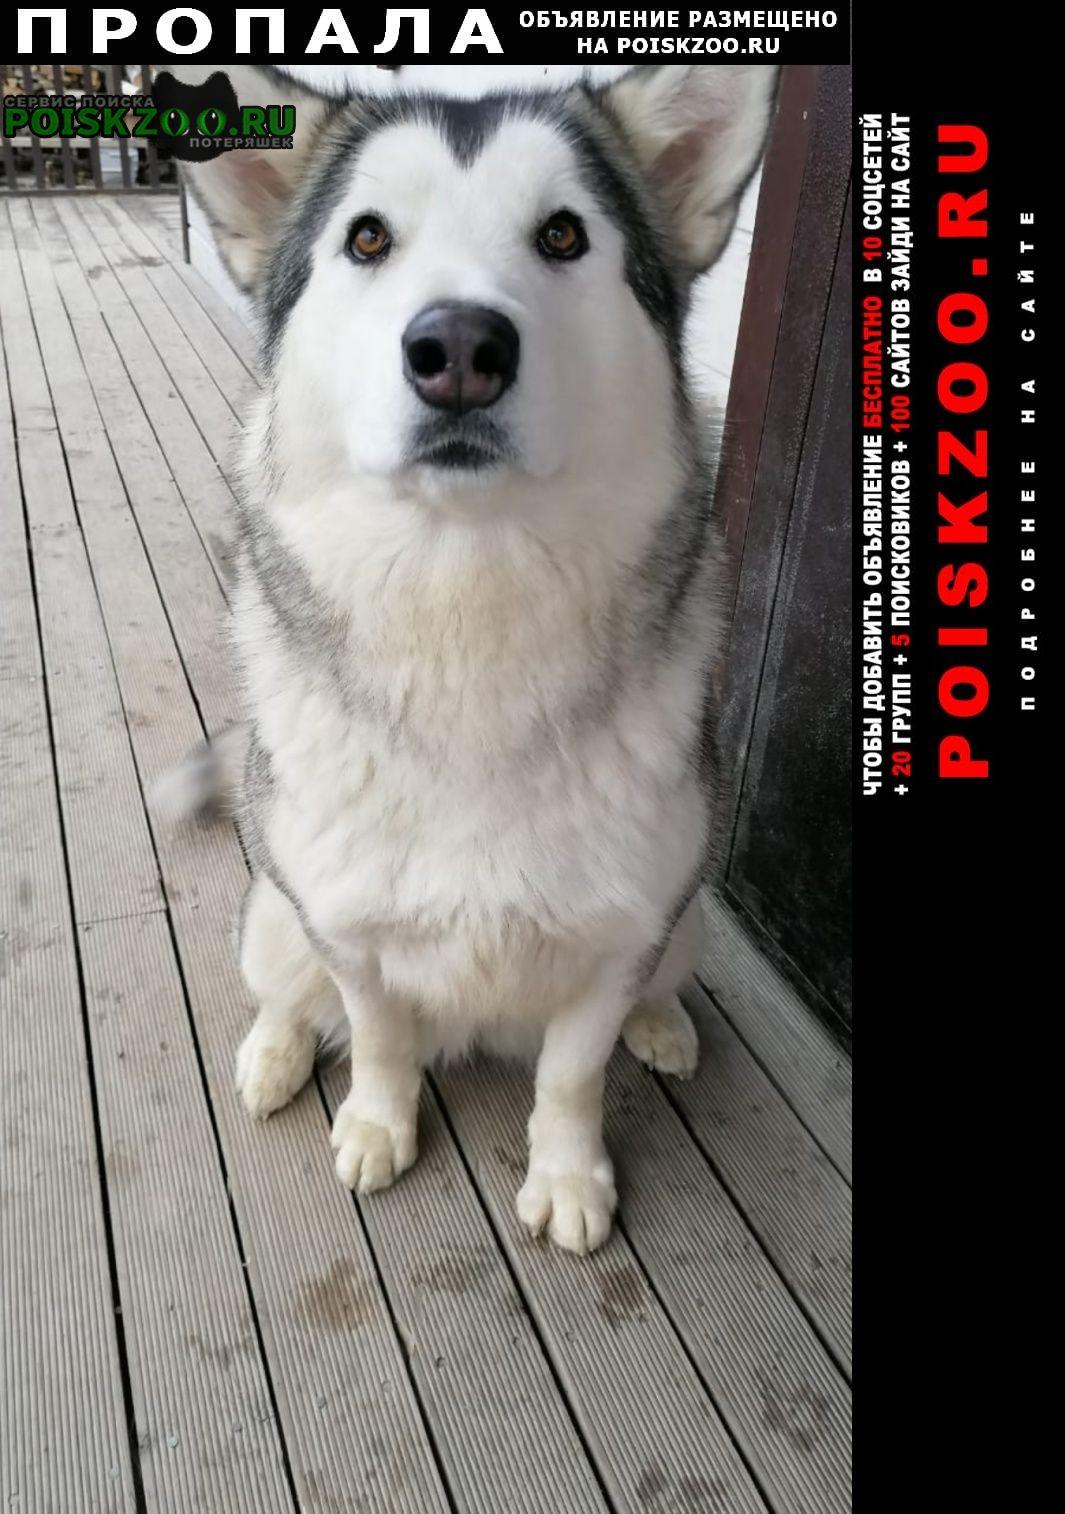 Пропала собака помогите Первоуральск